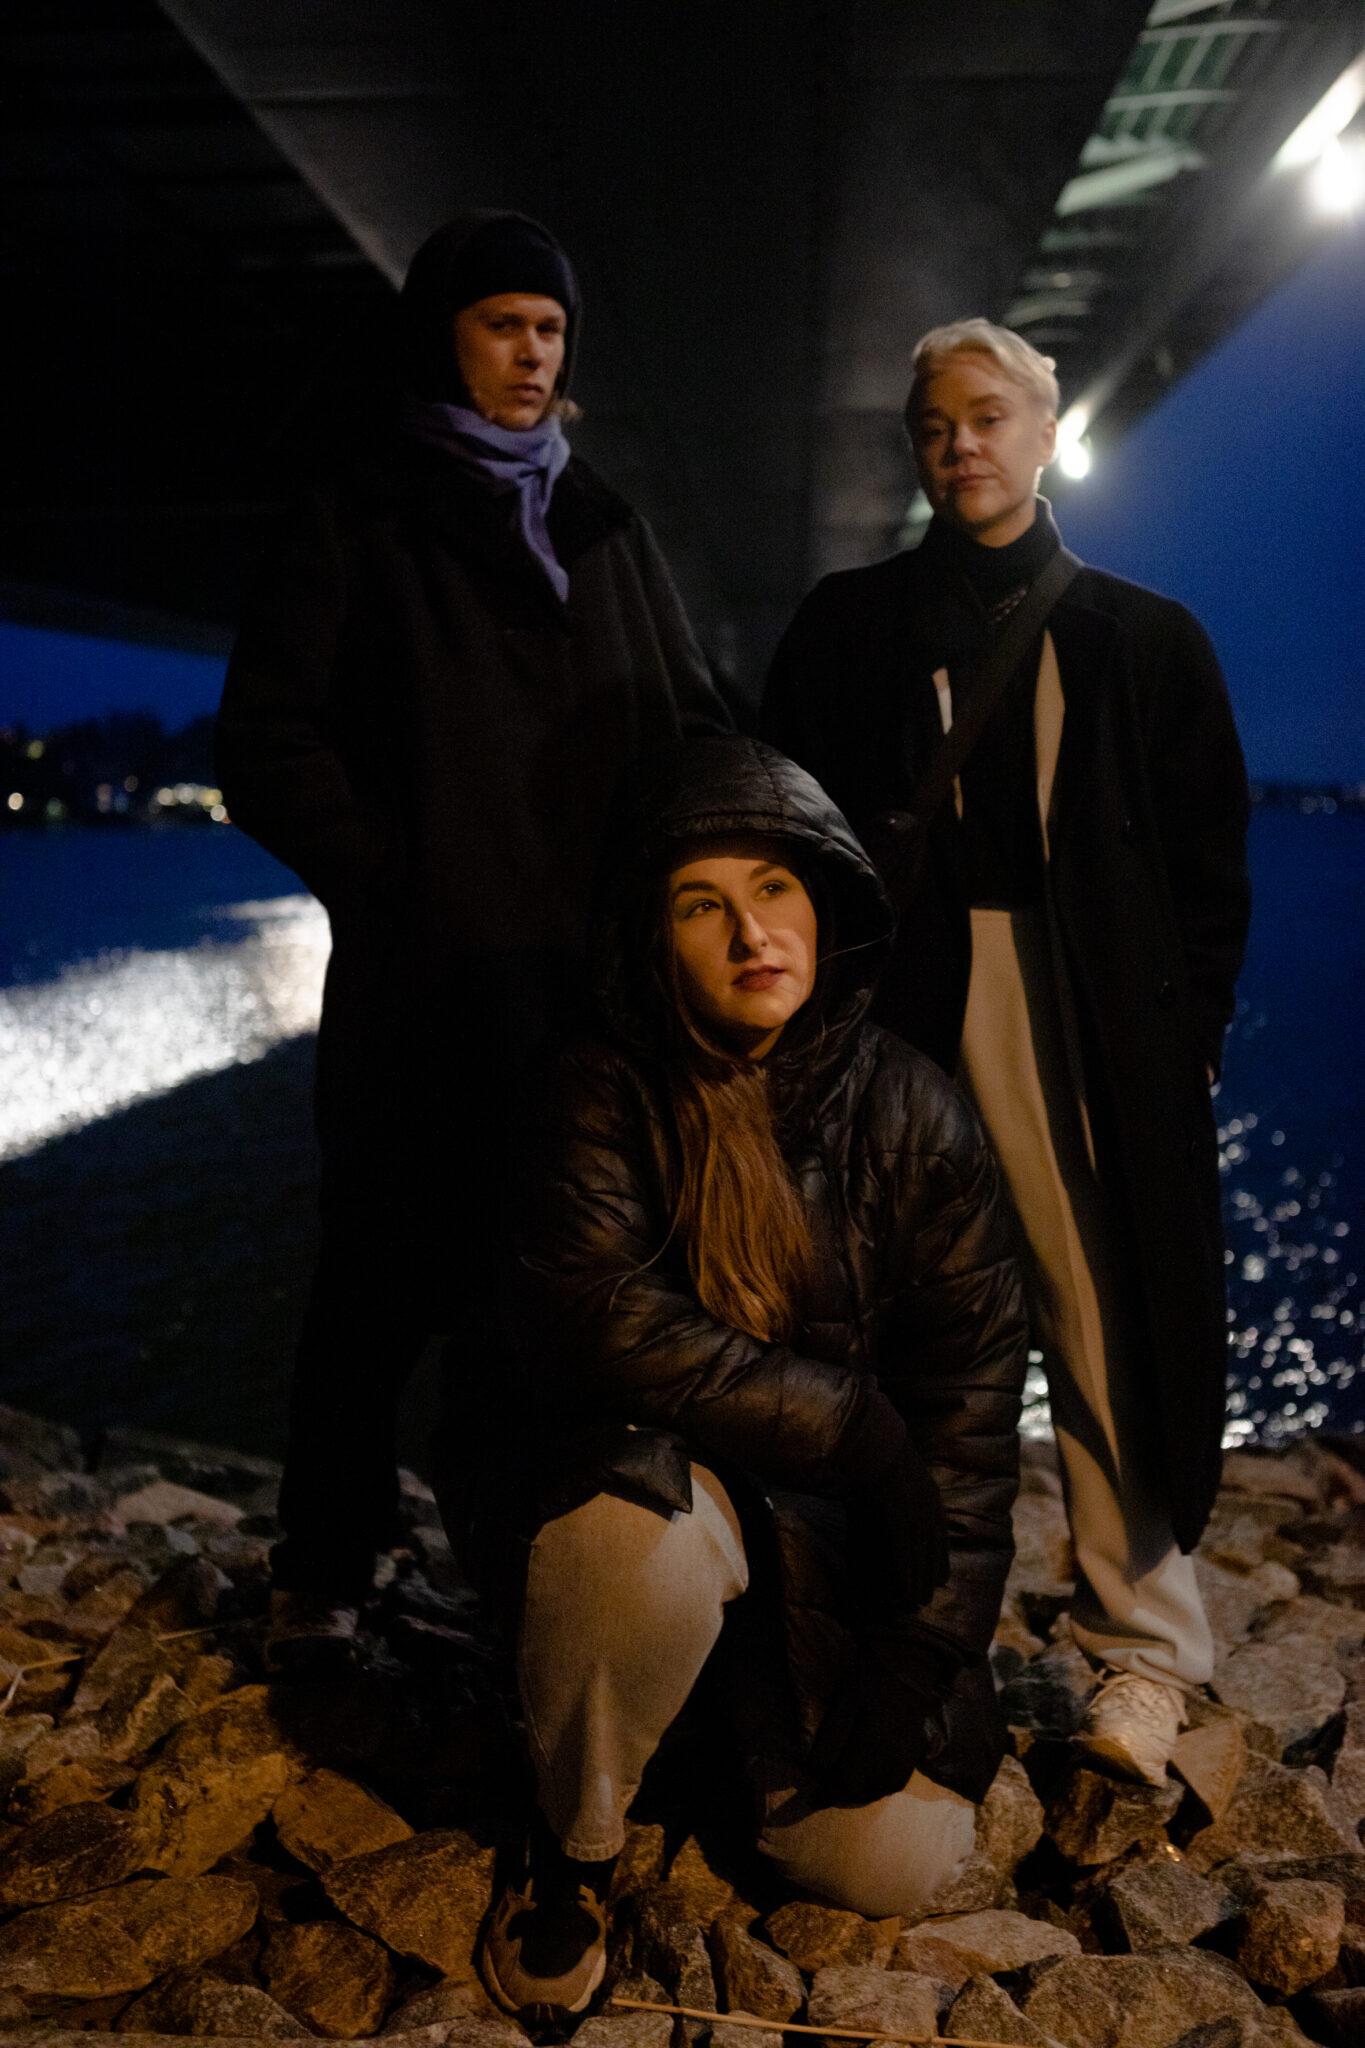 Yhtyeen jäsenet sillan alla, taustalla meri. Etualalla Vane Vane kyykistyneenä. Liki ja Kaisa Cleva seisovat vierekkäin taustalla.